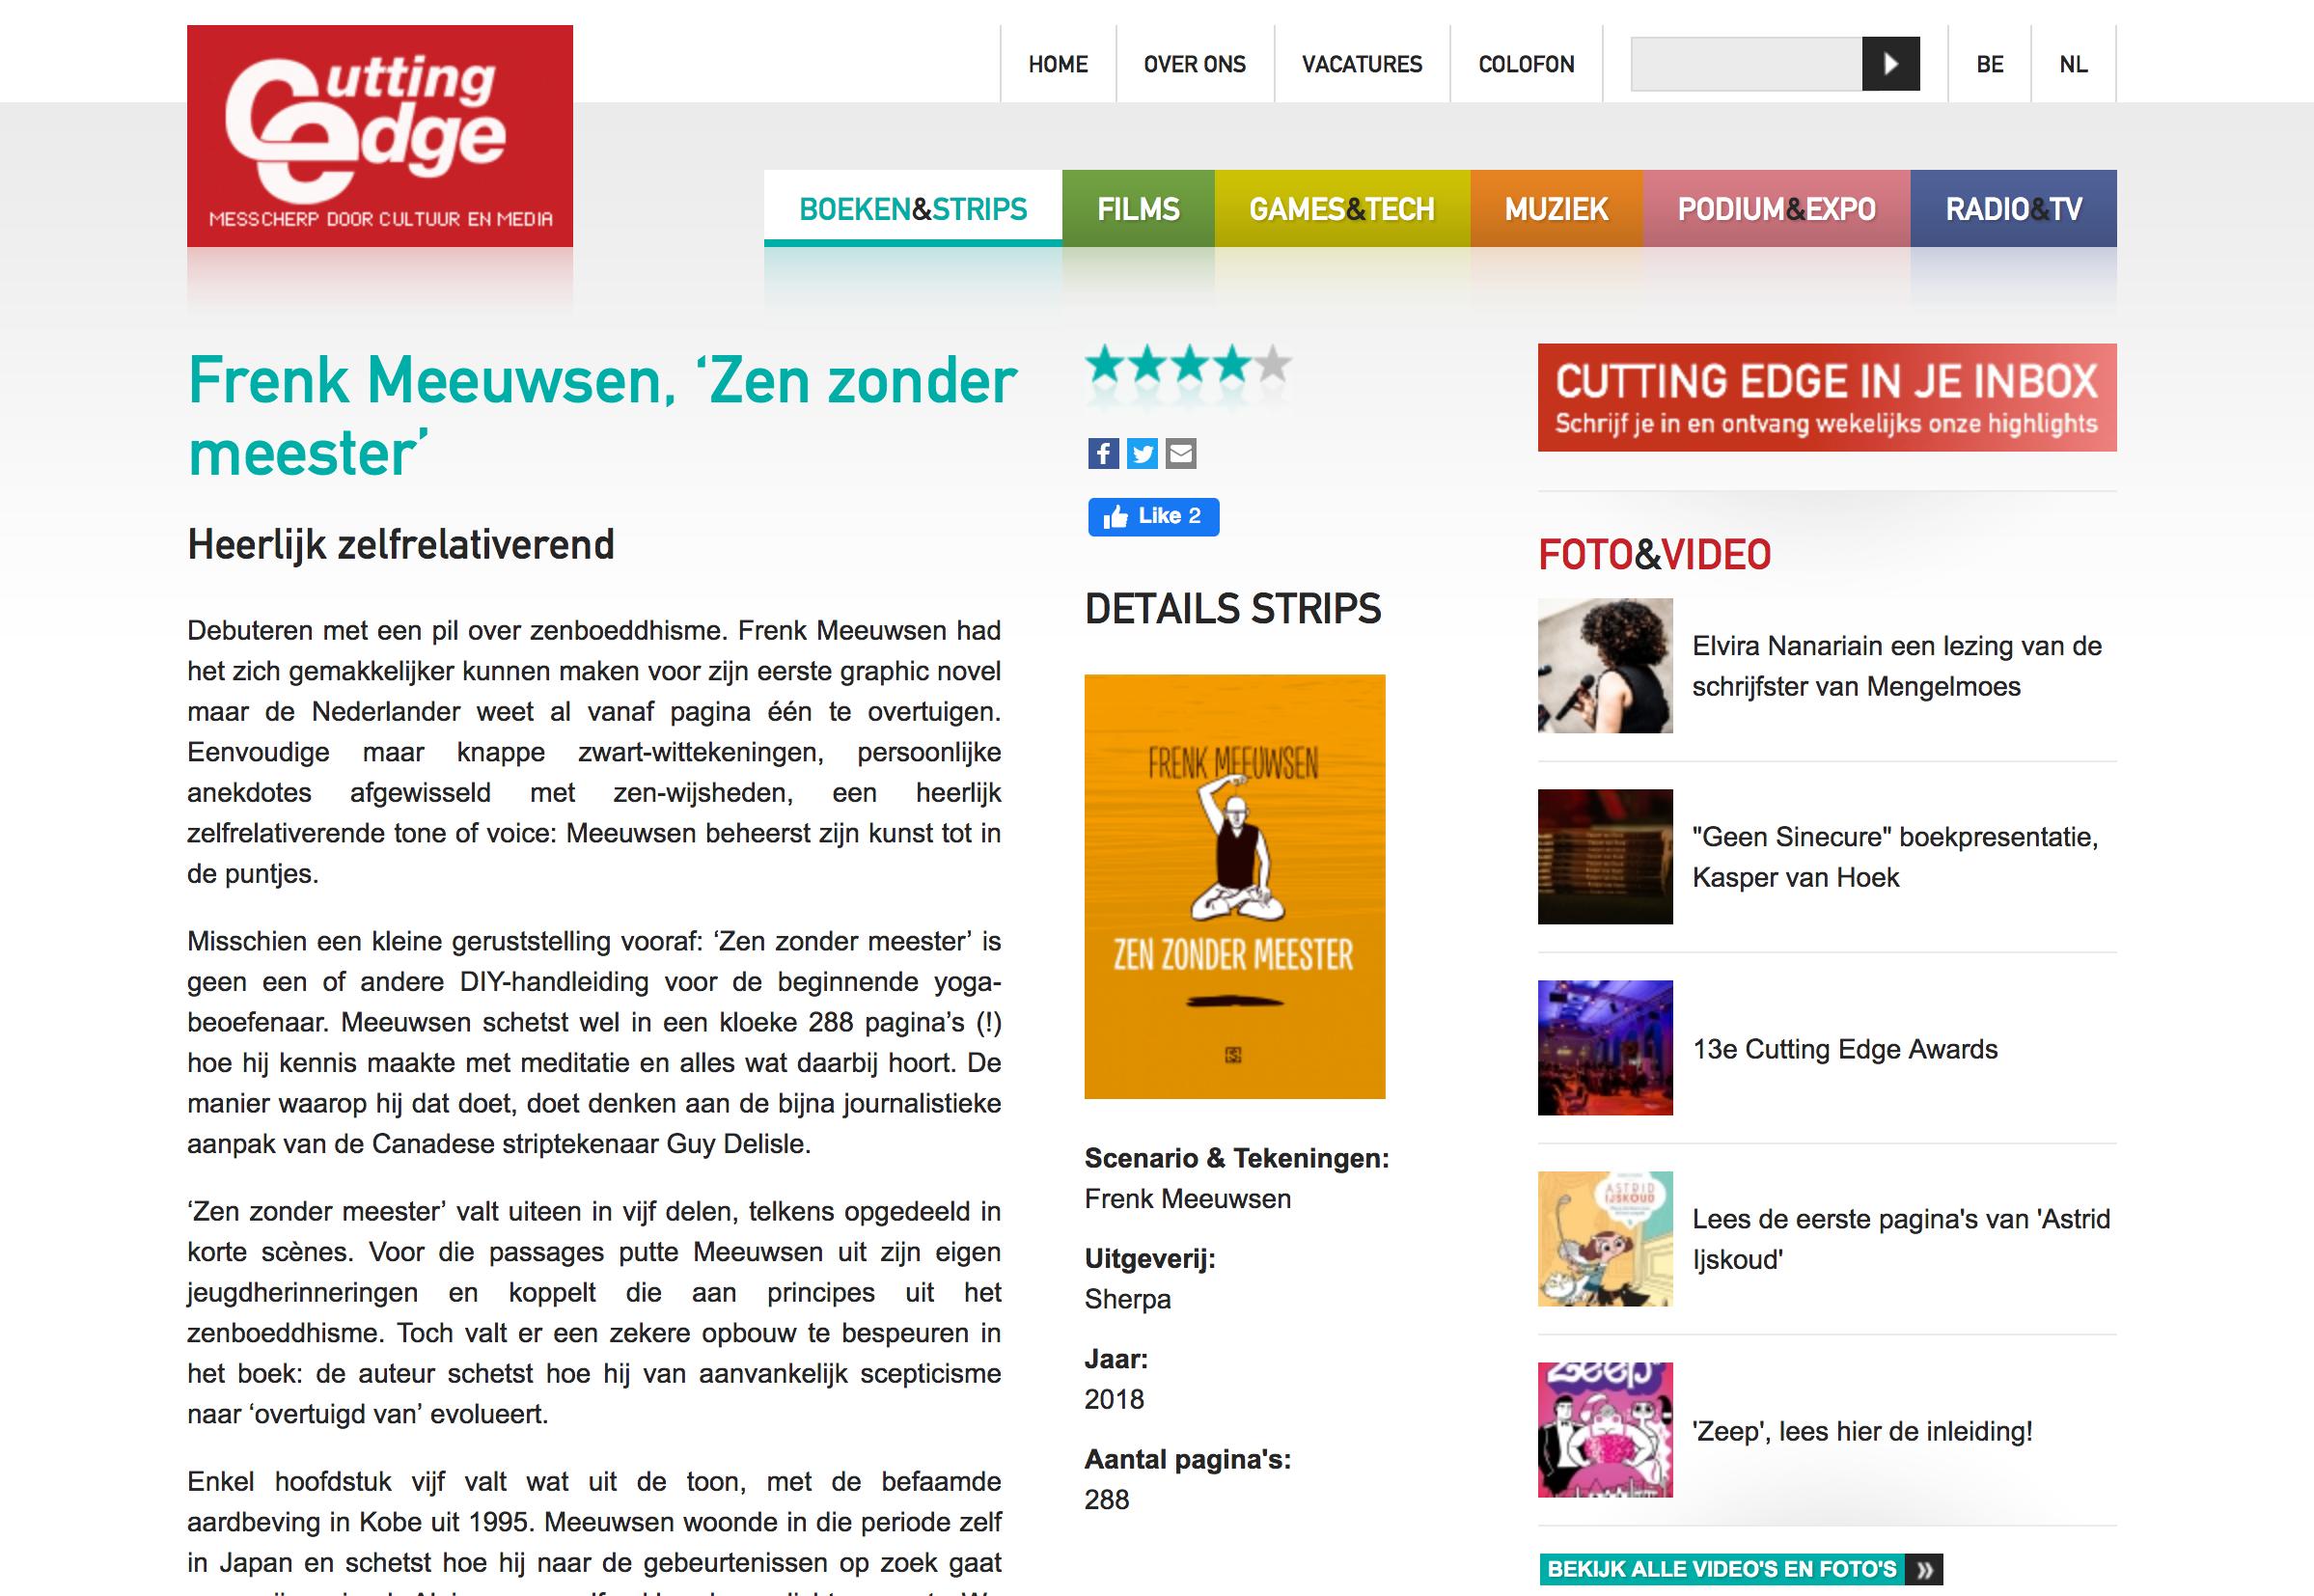 Cutting Edge, Frenk Meeuwsen, 'Zen zonder meester' Heerlijk zelfrelativerend